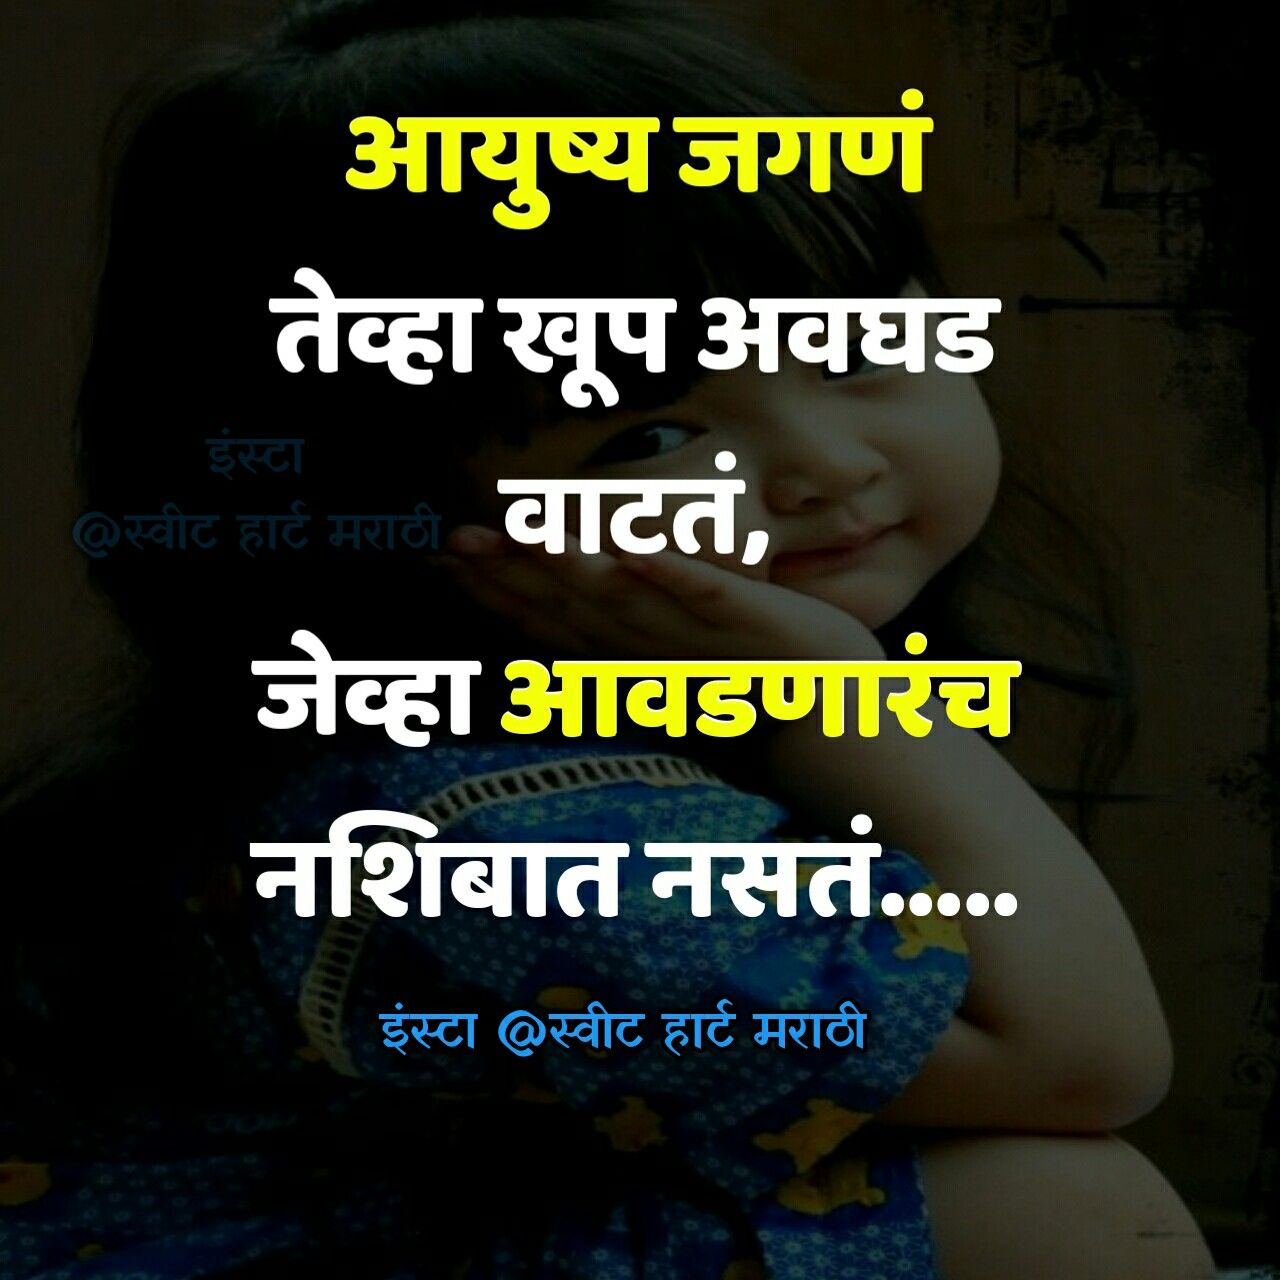 Pin By Sweet Heart Marathi On Sweet Heart Marathi Friendship